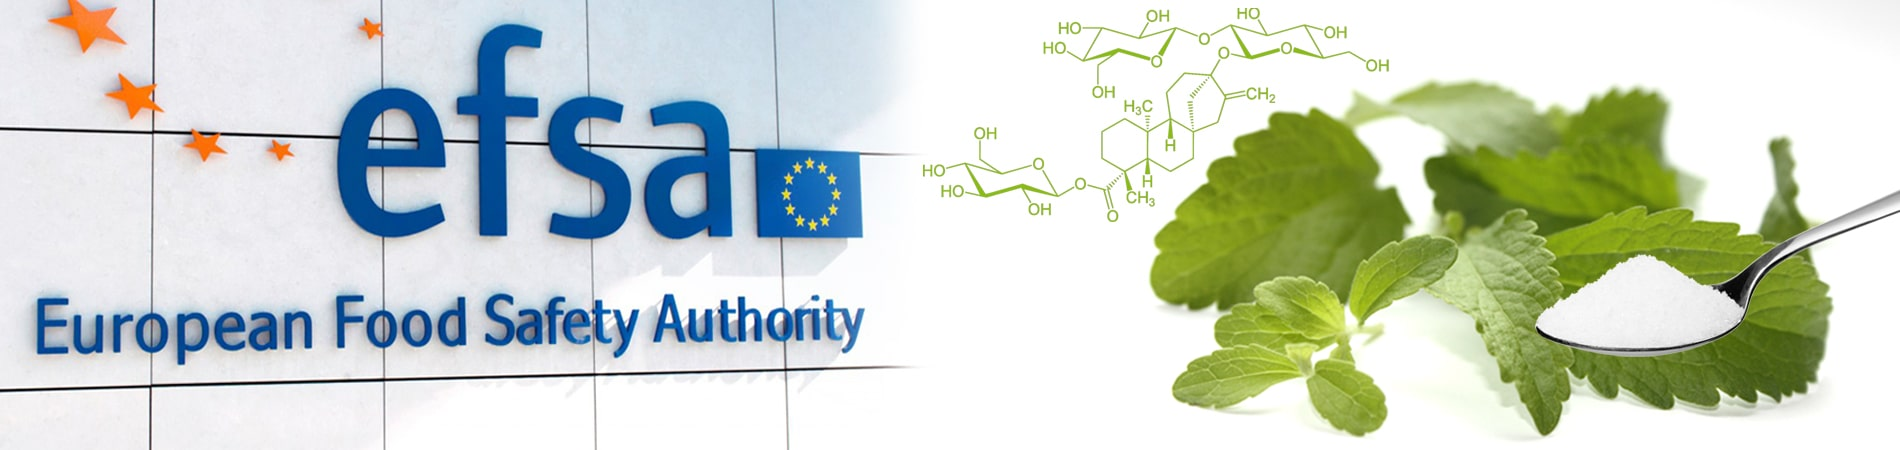 Die Zulassung von Stevia_mit_Blaettern_Zuckerloeffel und chemischer Aufbau